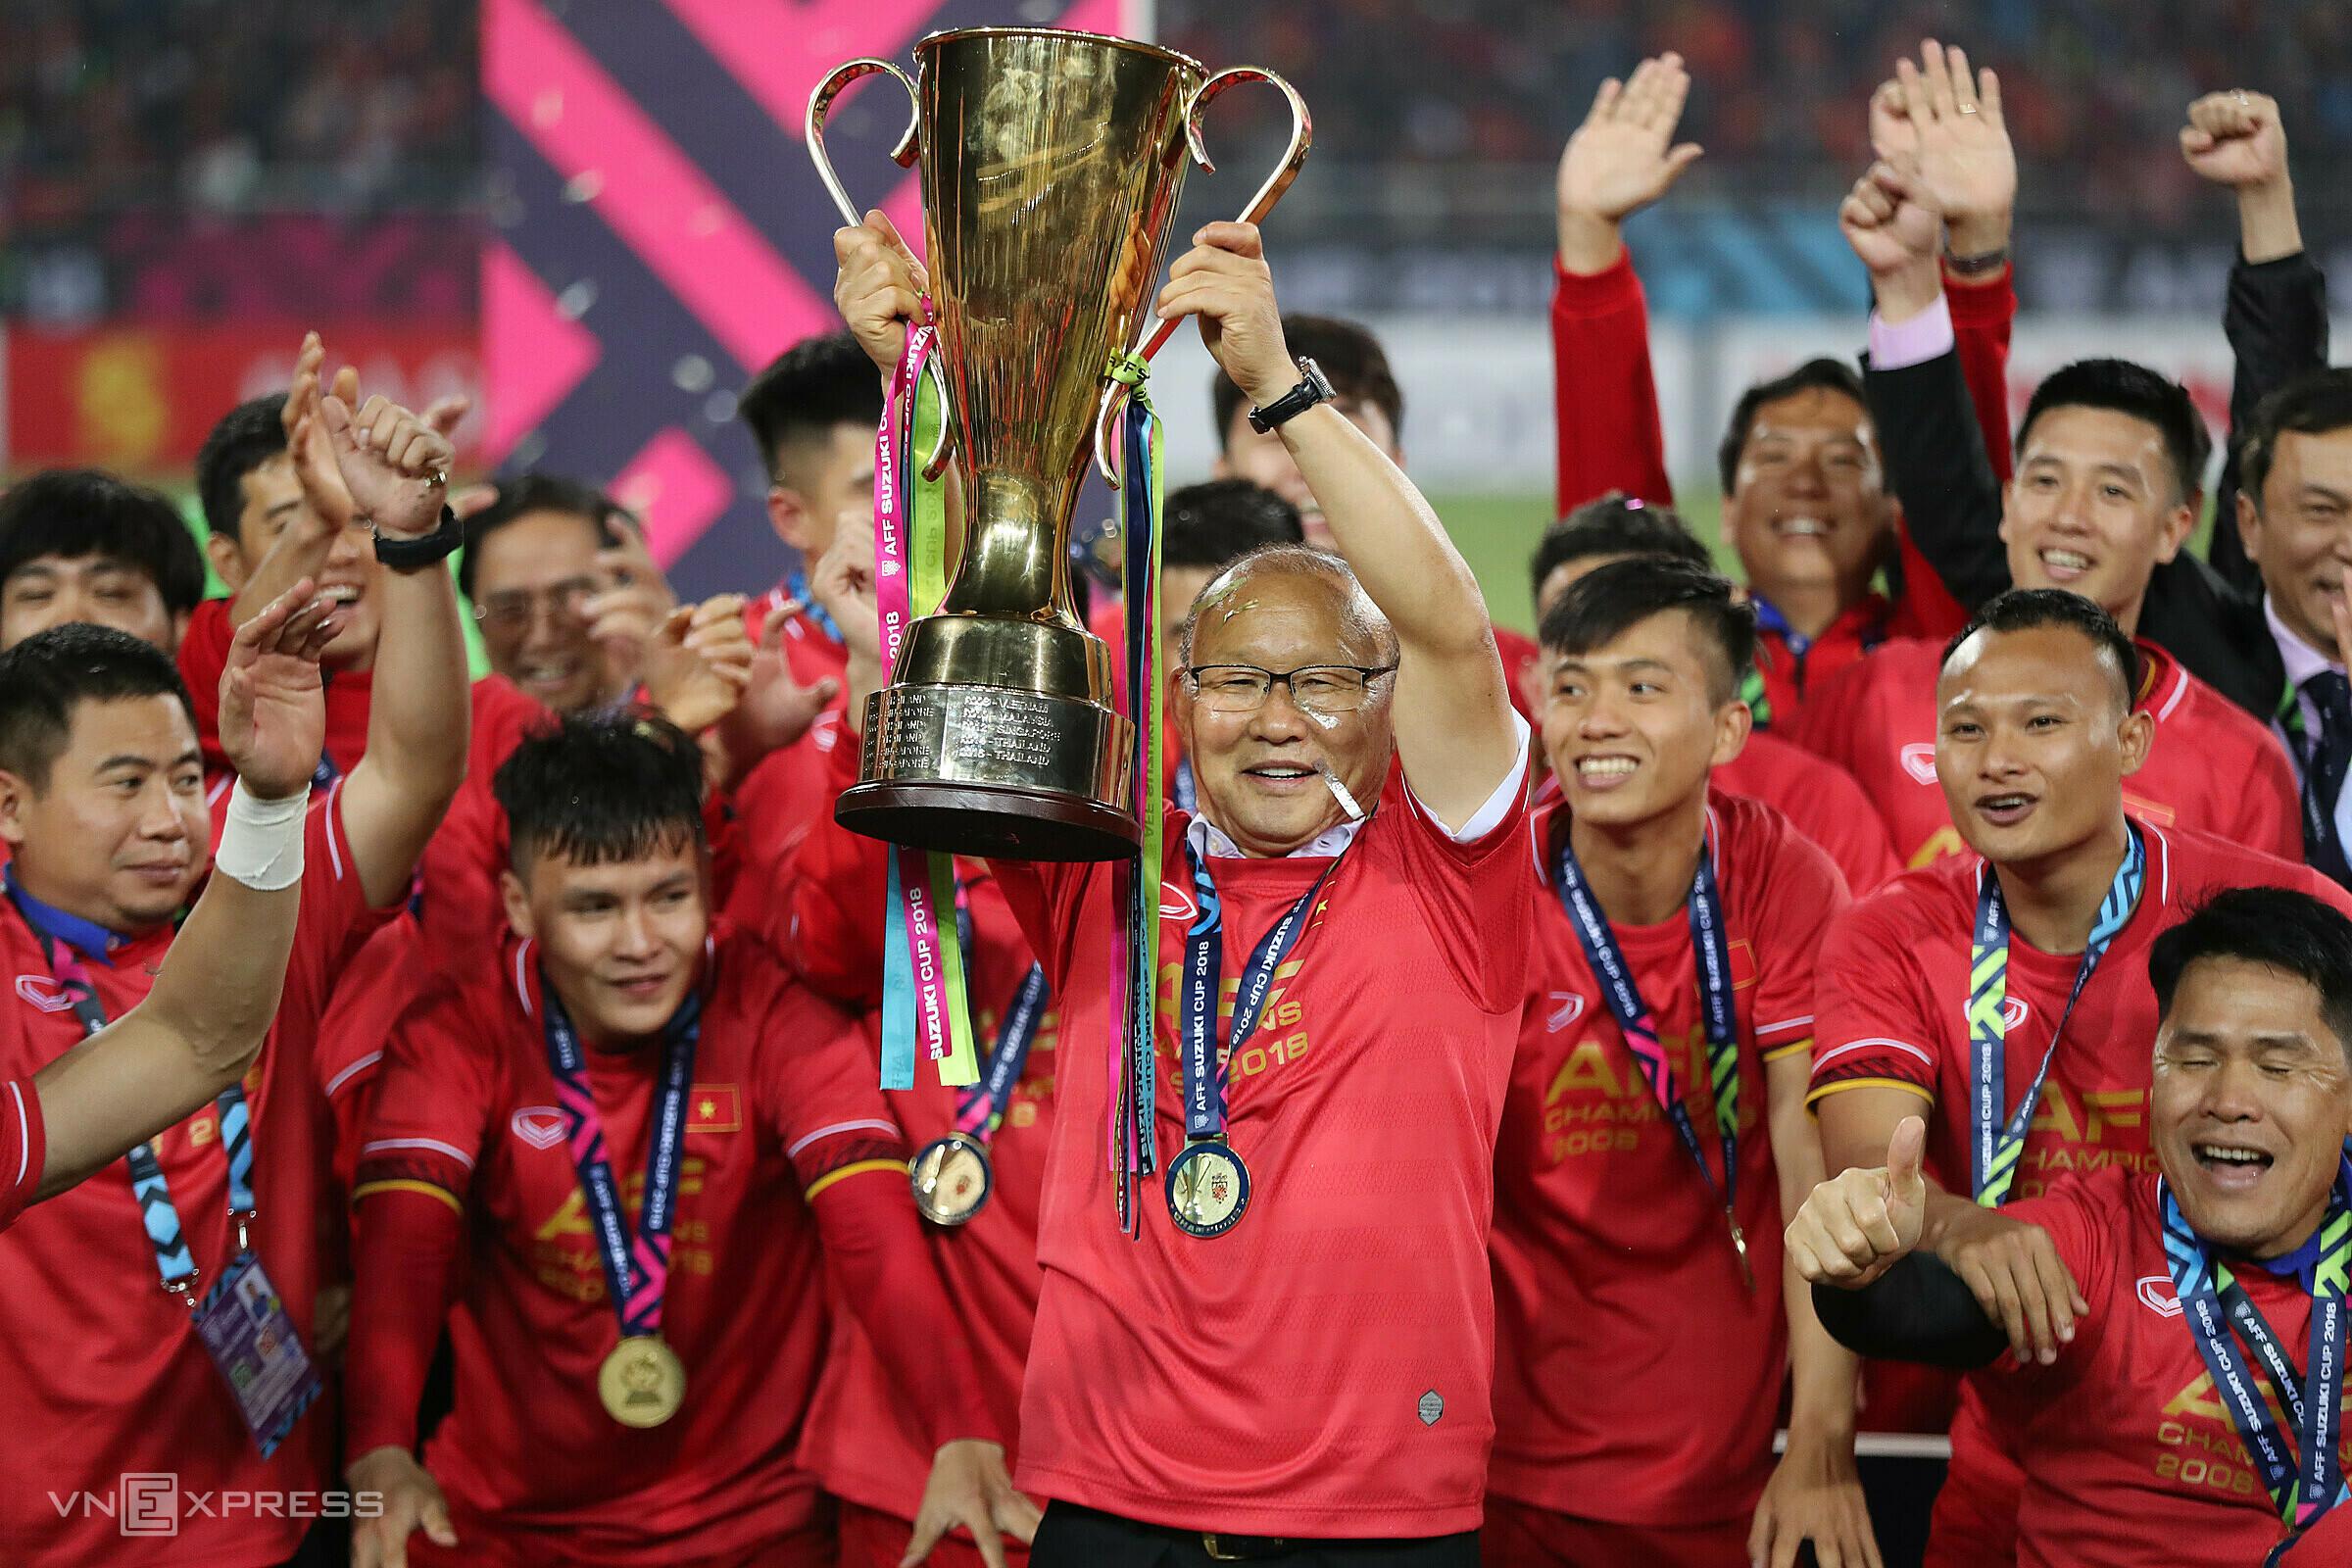 AFF Cup 2020 vẫn chưa thể chọn được địa điểm tổ chức do diễn biến của Covid-19. Ảnh: Đức Đồng